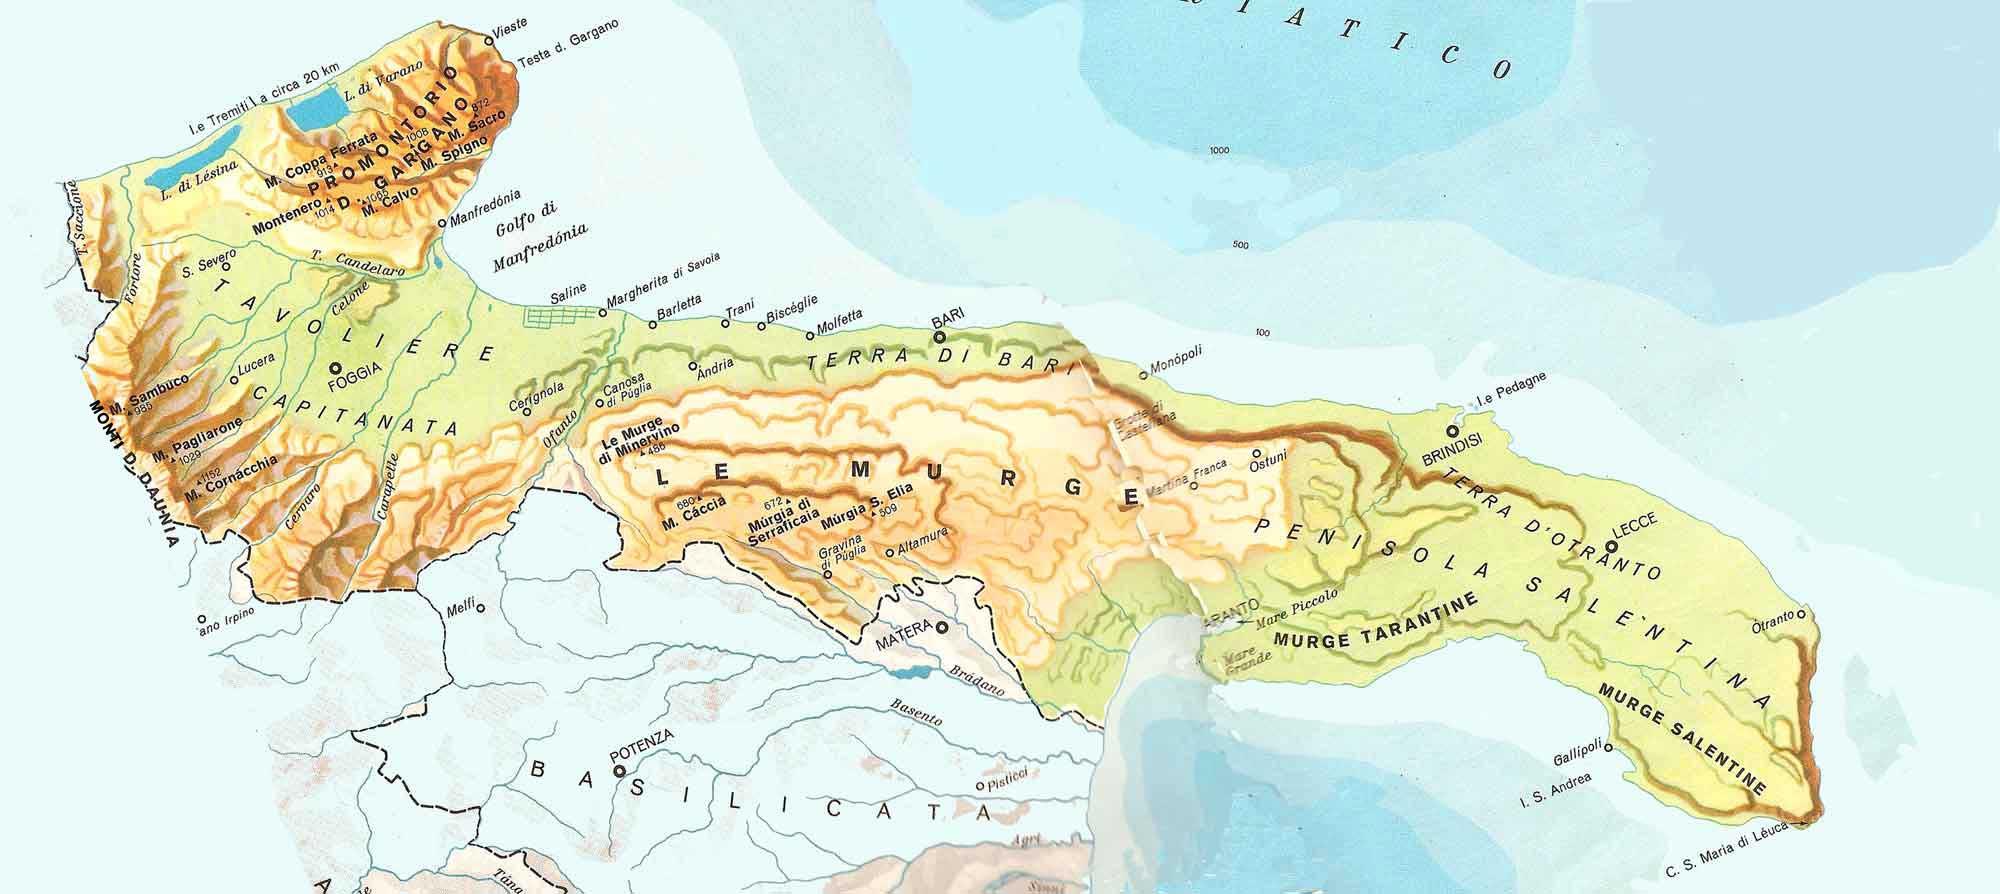 Cartina Geografica Della Puglia Fisica.Cartina Fisica Puglia Laterradipuglia It